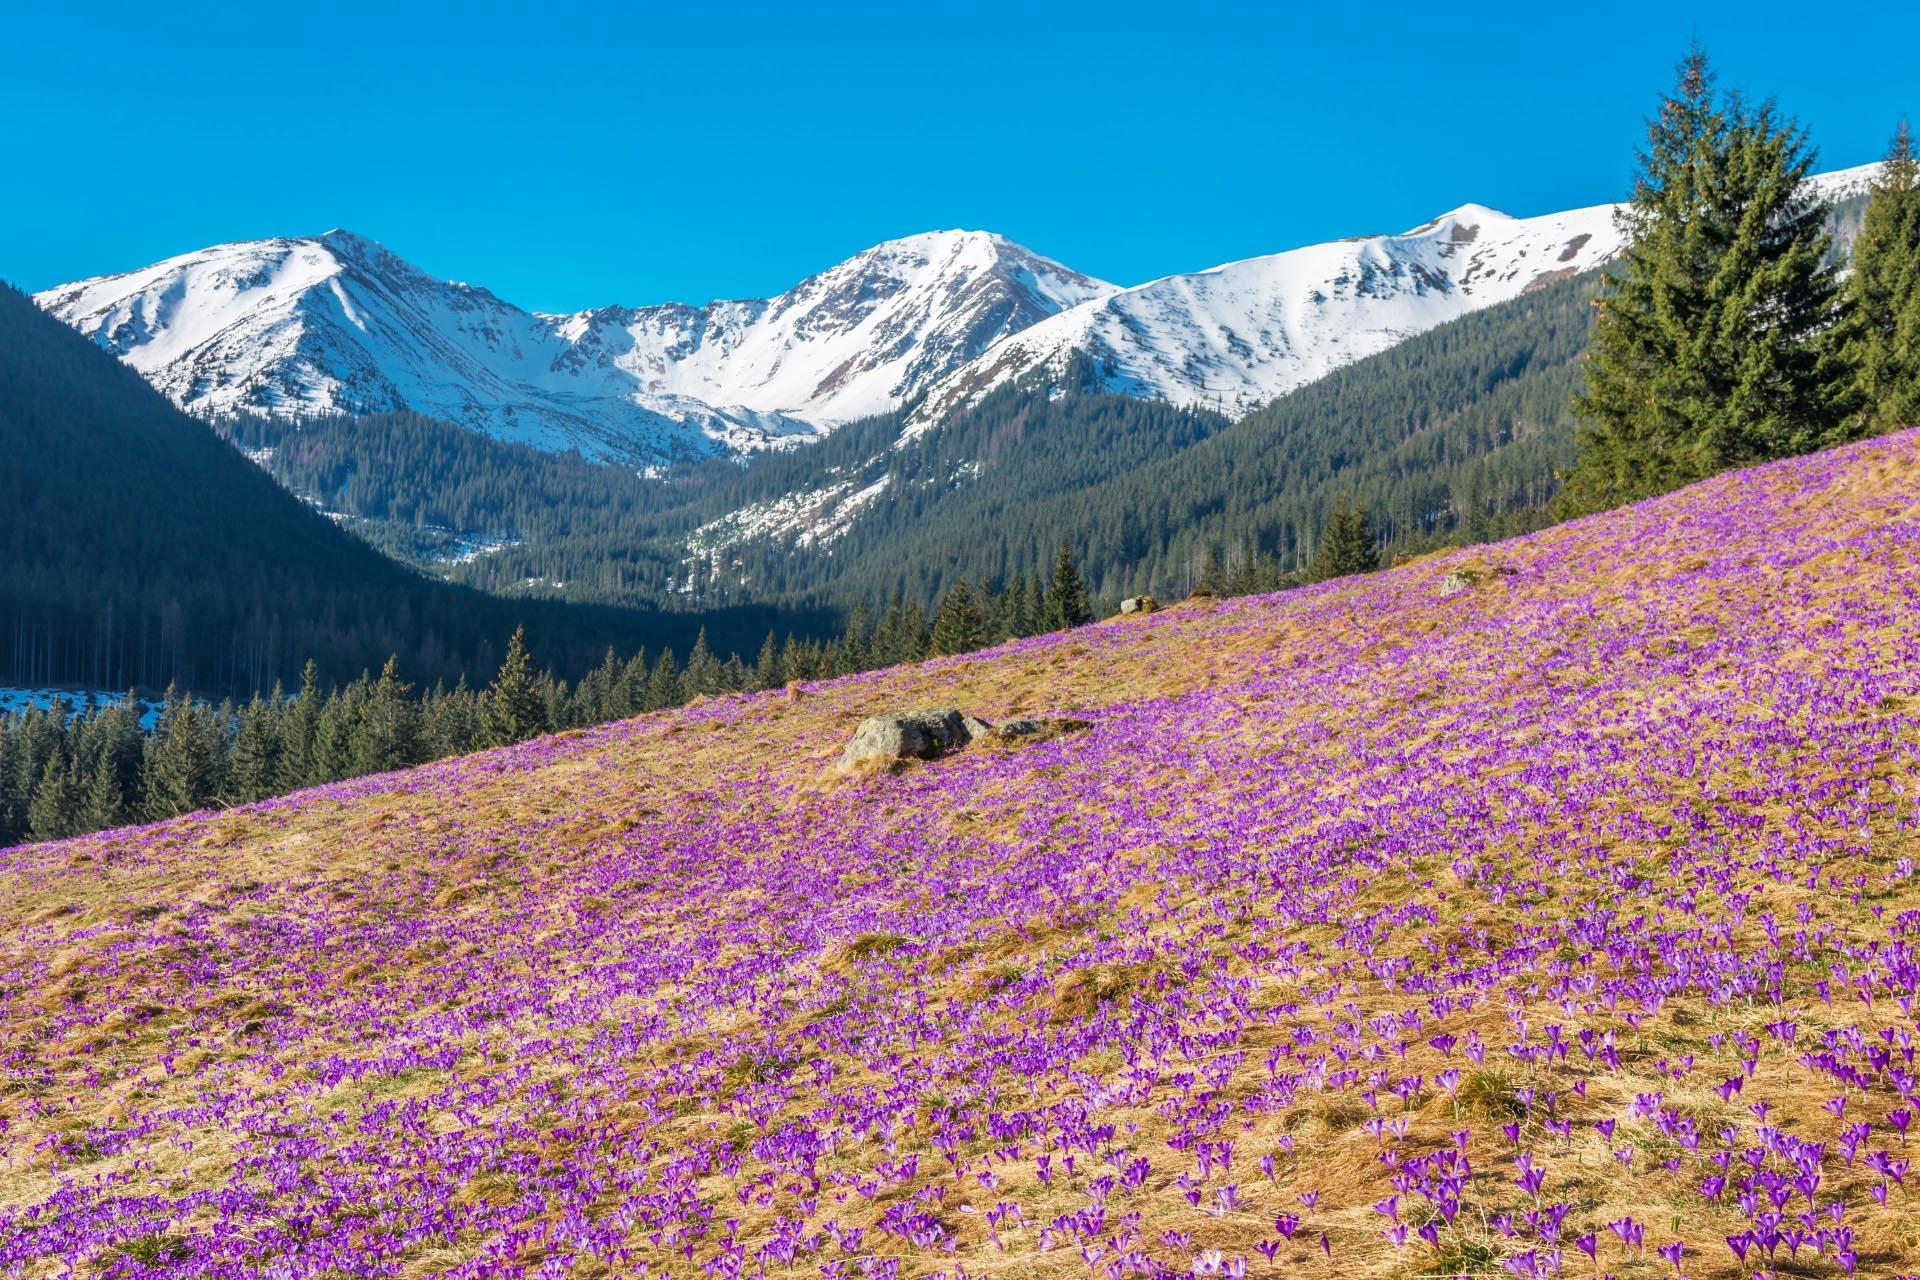 春のタトラ山脈の風景 ポーランドの風景